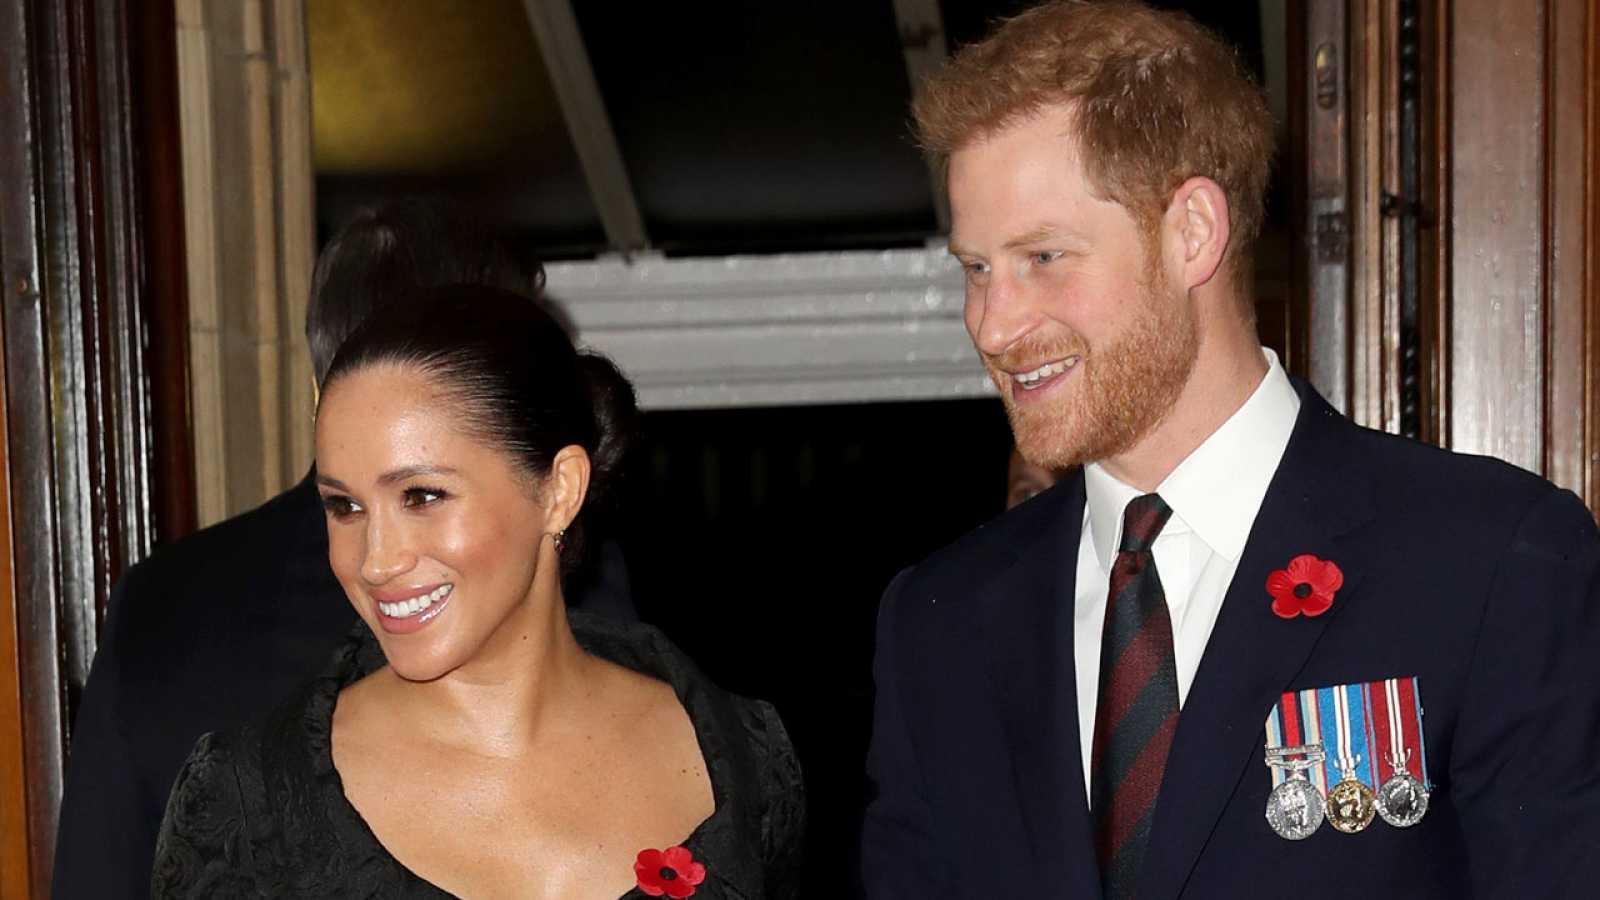 Los secretos del príncipe Harry y Meghan Markle que desvela su biografía